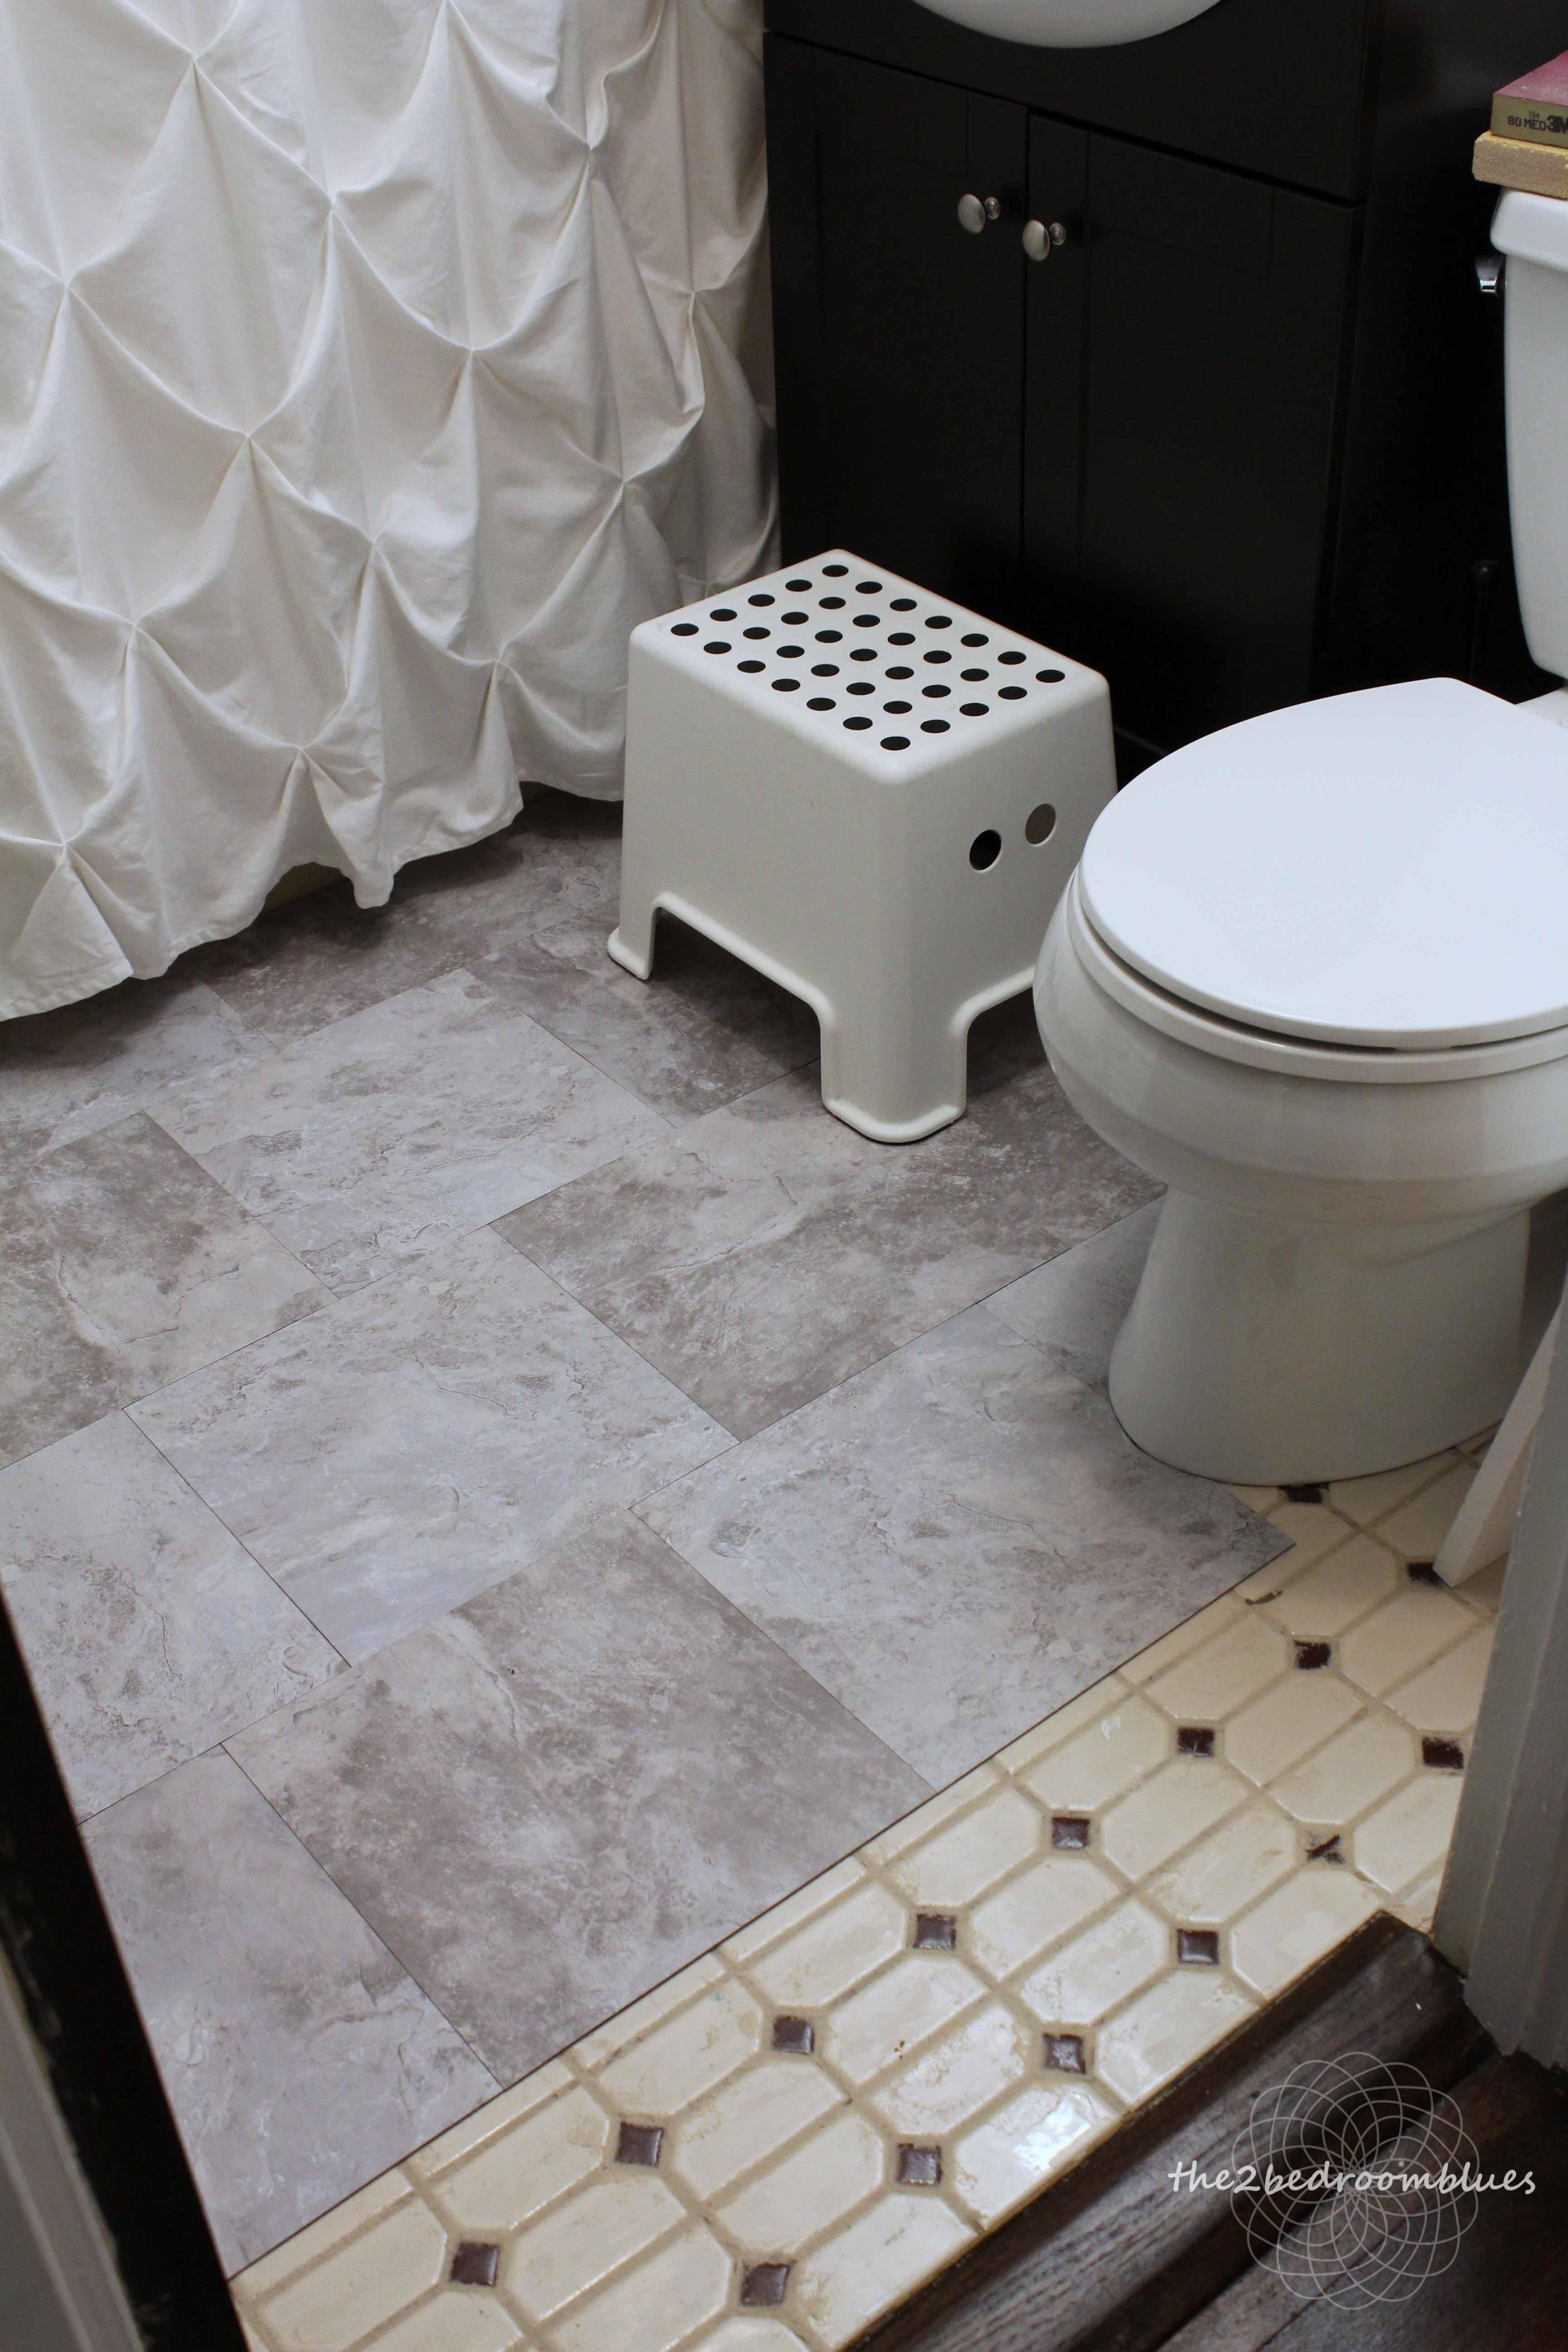 Stunning Installing Vinyl Tile Over Ceramic Tile Tile Over Tile Tile Over Tile Backsplash houzz-03 Tile Over Tile